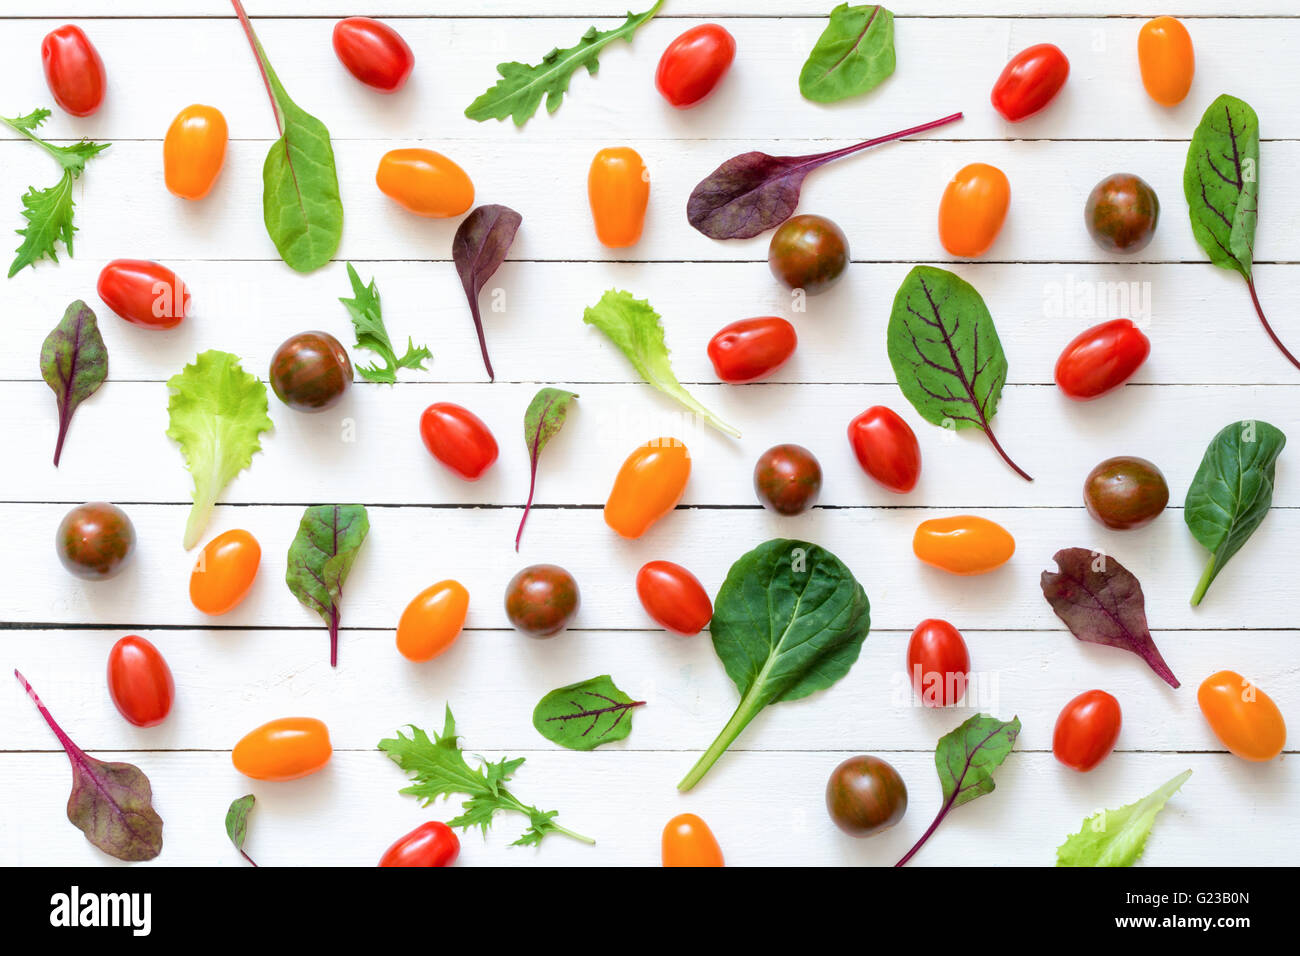 Colorido laicos plana de ingredientes alimentarios. Fondo de alimentos saludables Imagen De Stock